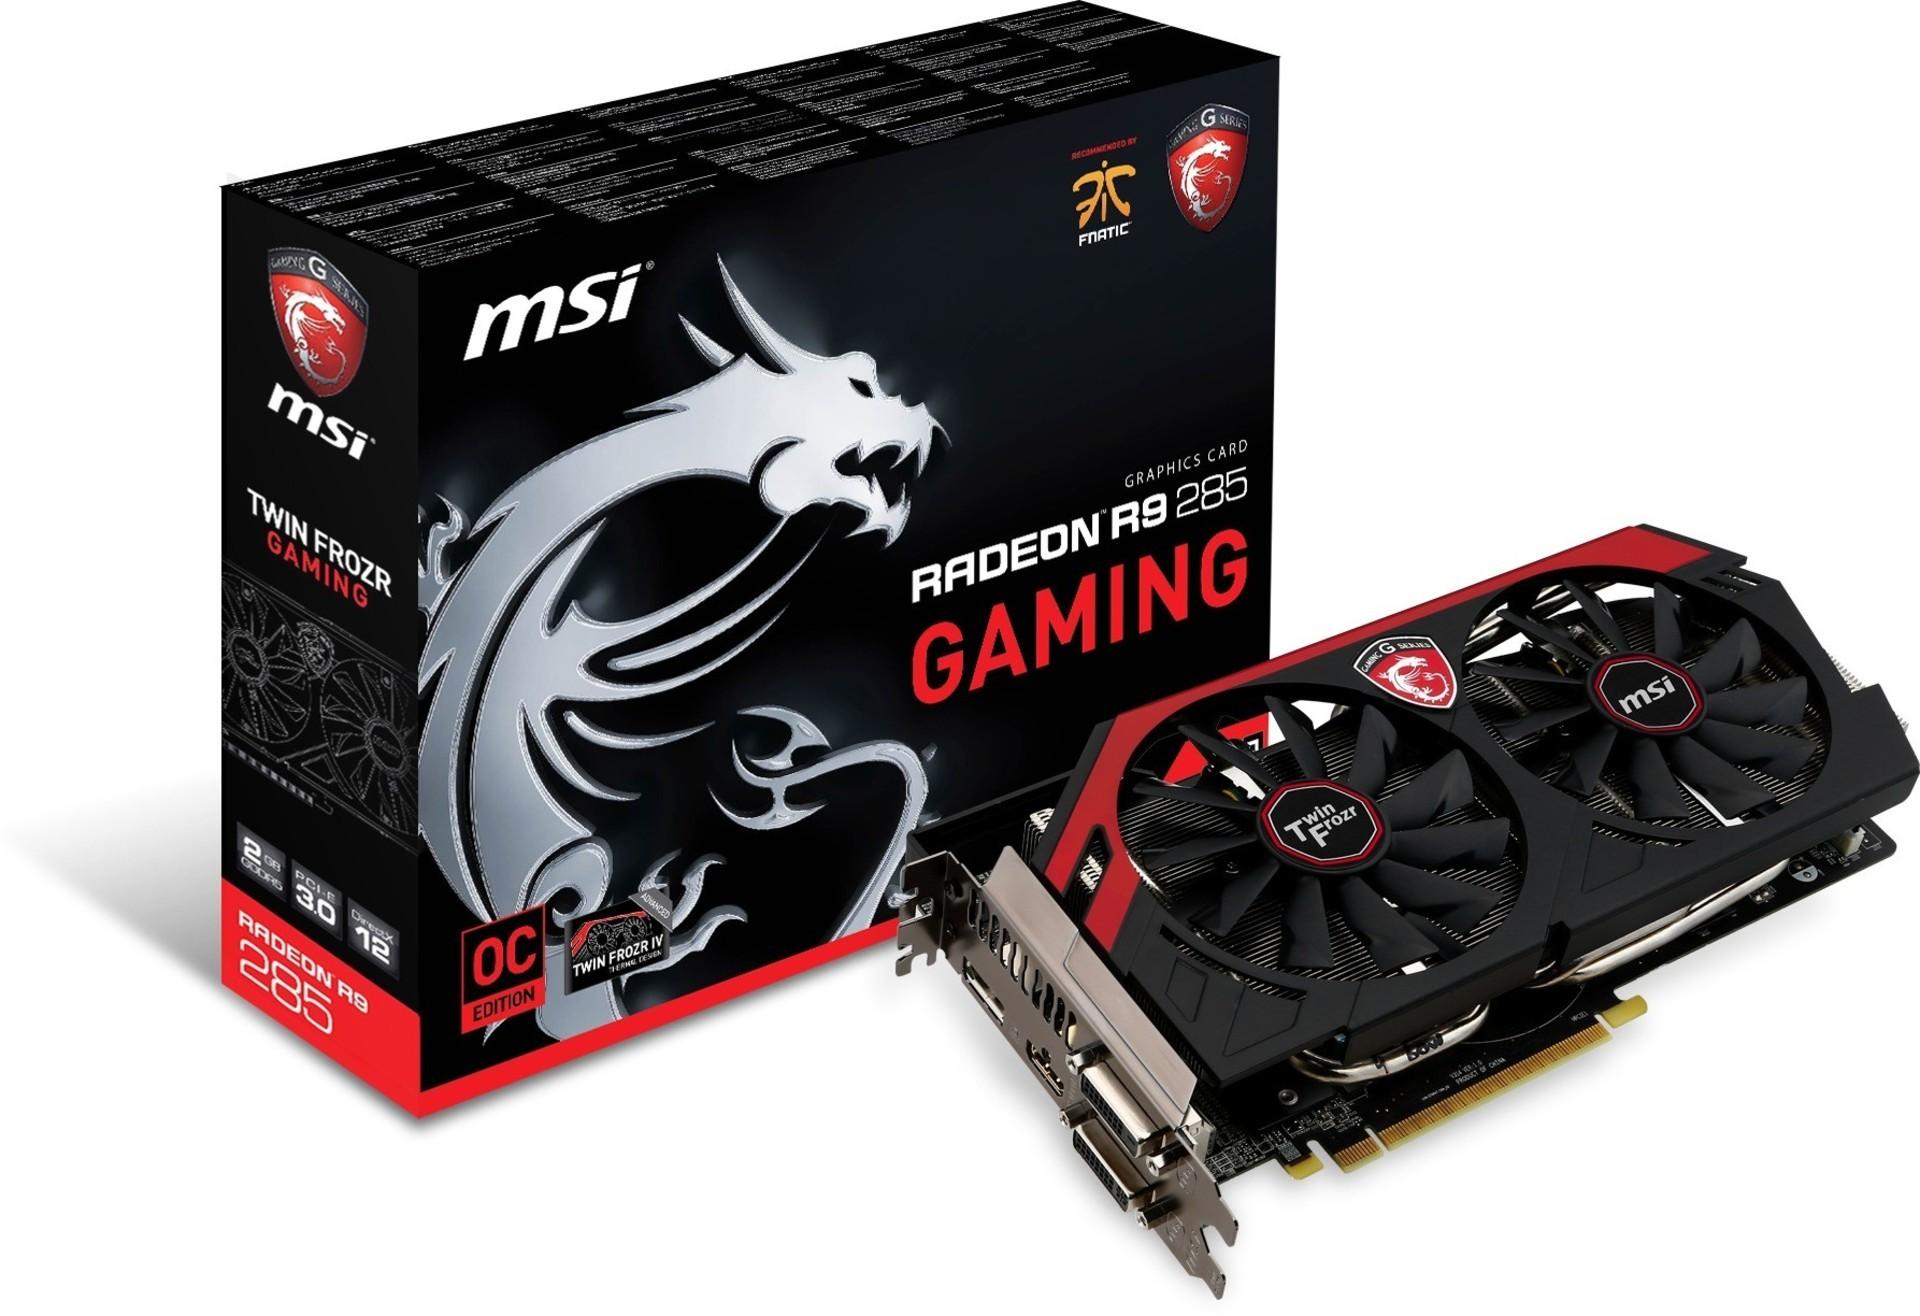 MSI-R9-285-GAMING-2G